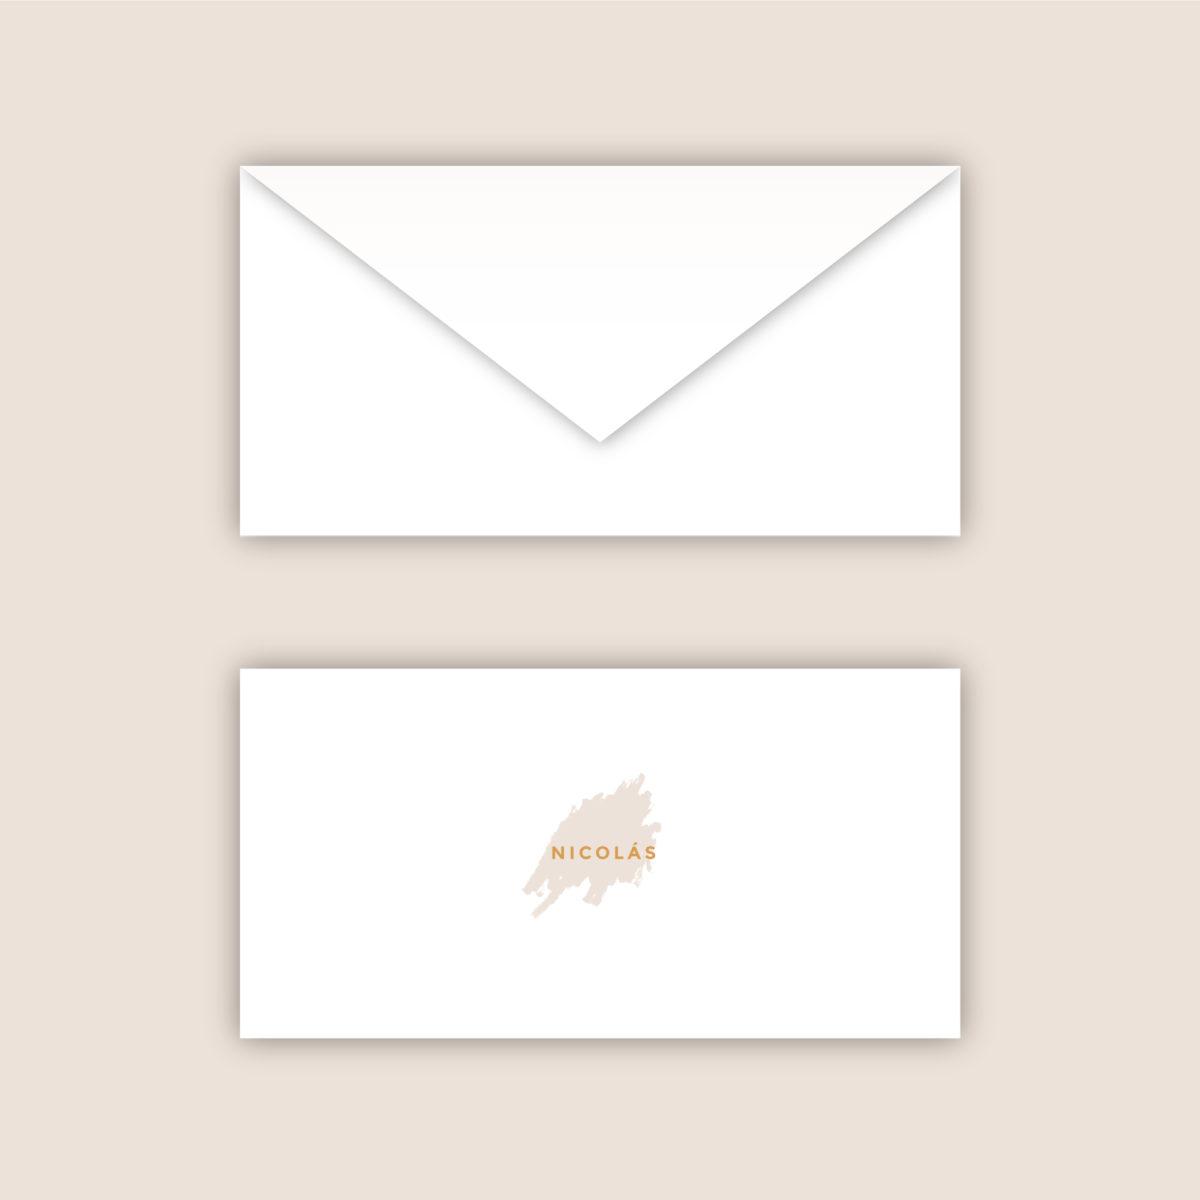 Invitación-sobre Movimiento